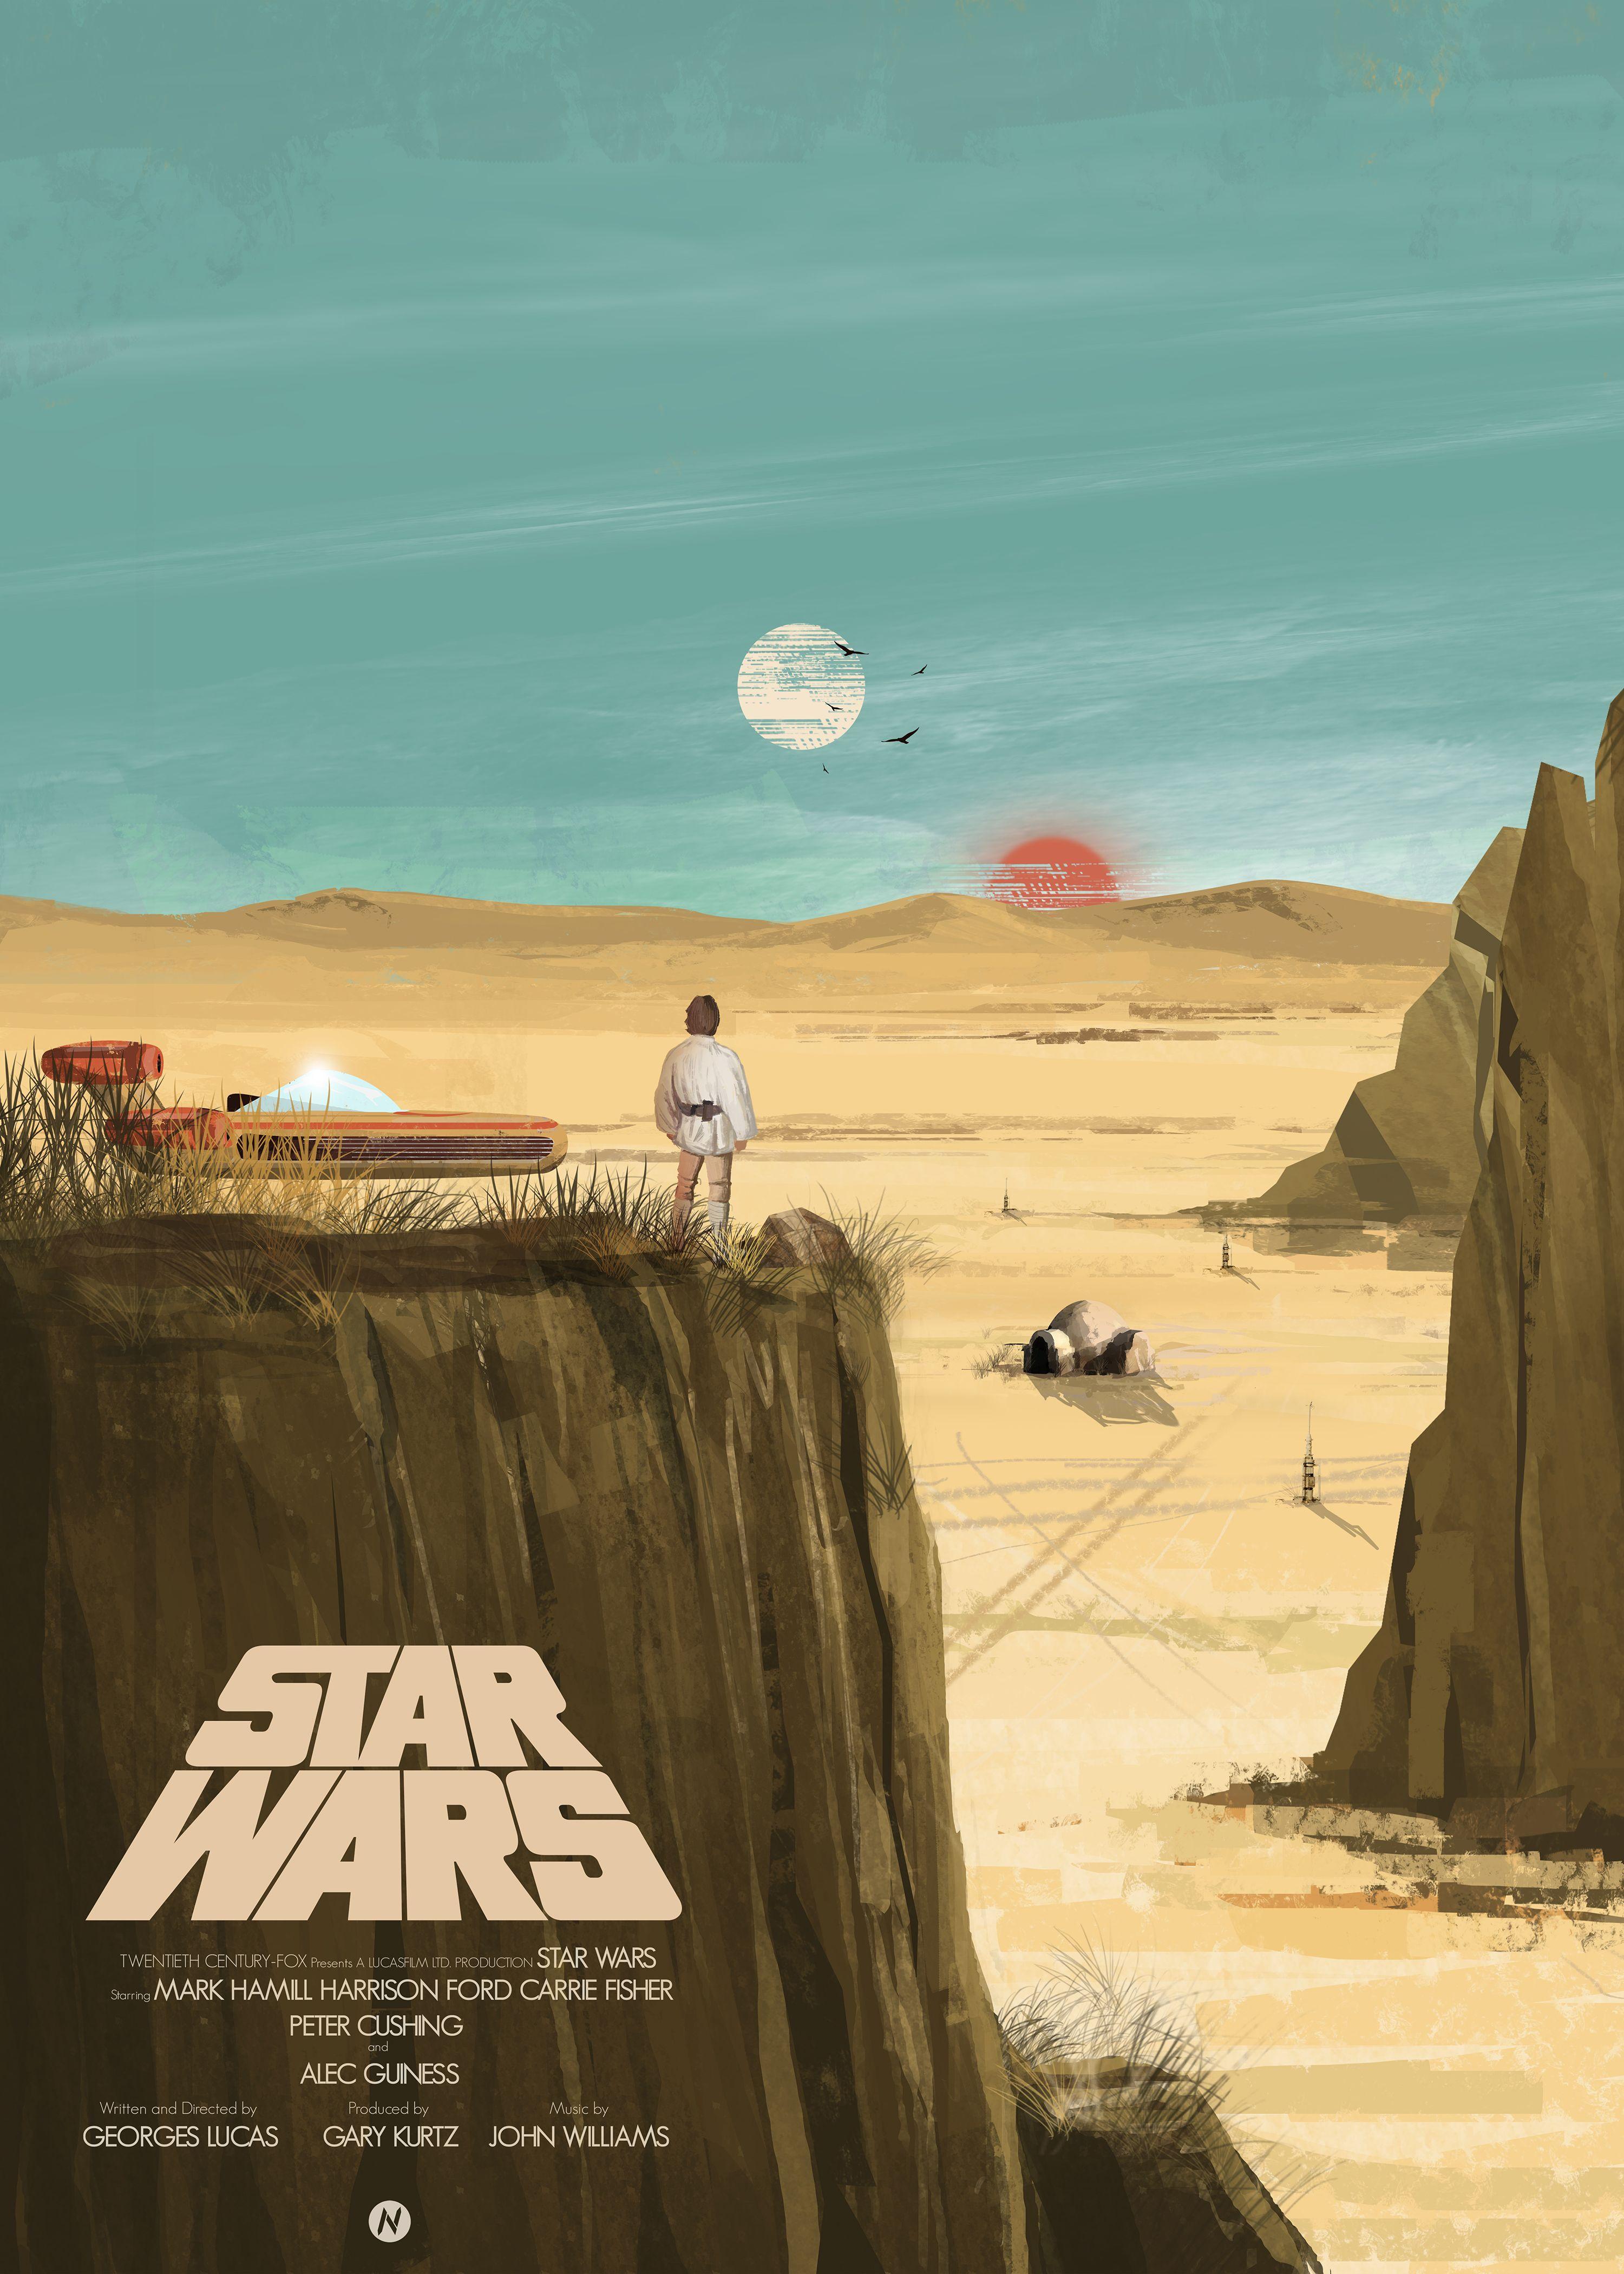 Star Wars Episode Iv A New Hope Star Wars Episode Iv Eine Neue Hoffnung Krieg Der Sterne Bilder Krieg Der Sterne Konzeptkunst